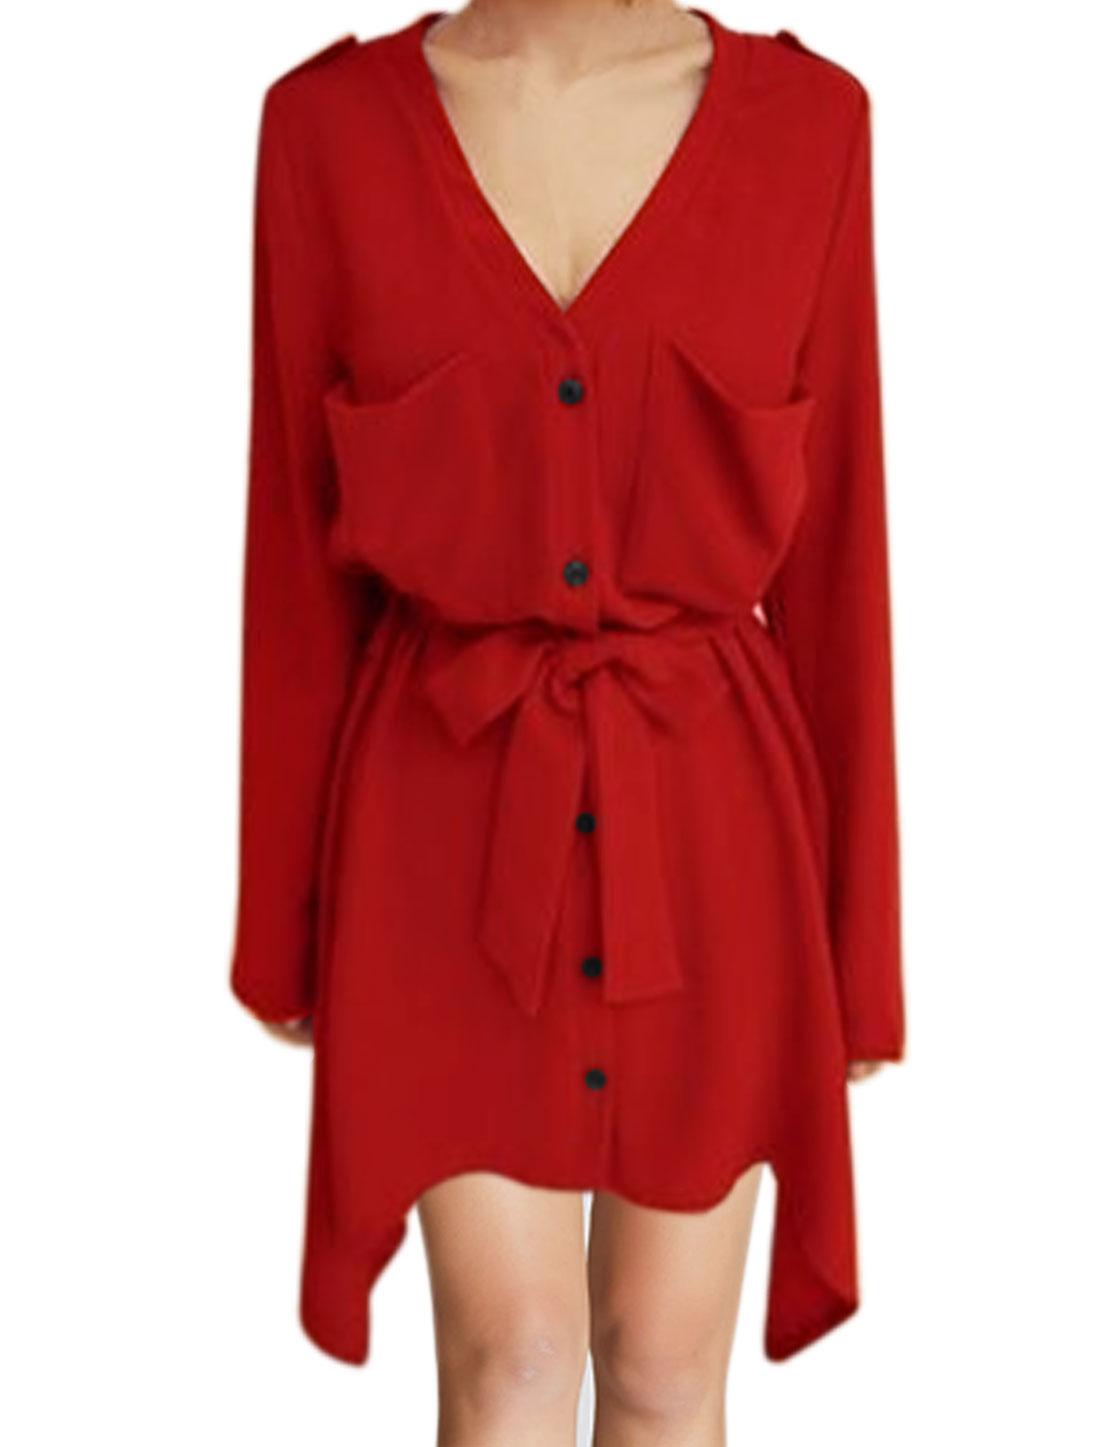 Women Roll Up Sleeves Waist String Asymmetric Shirt Dress Red XS